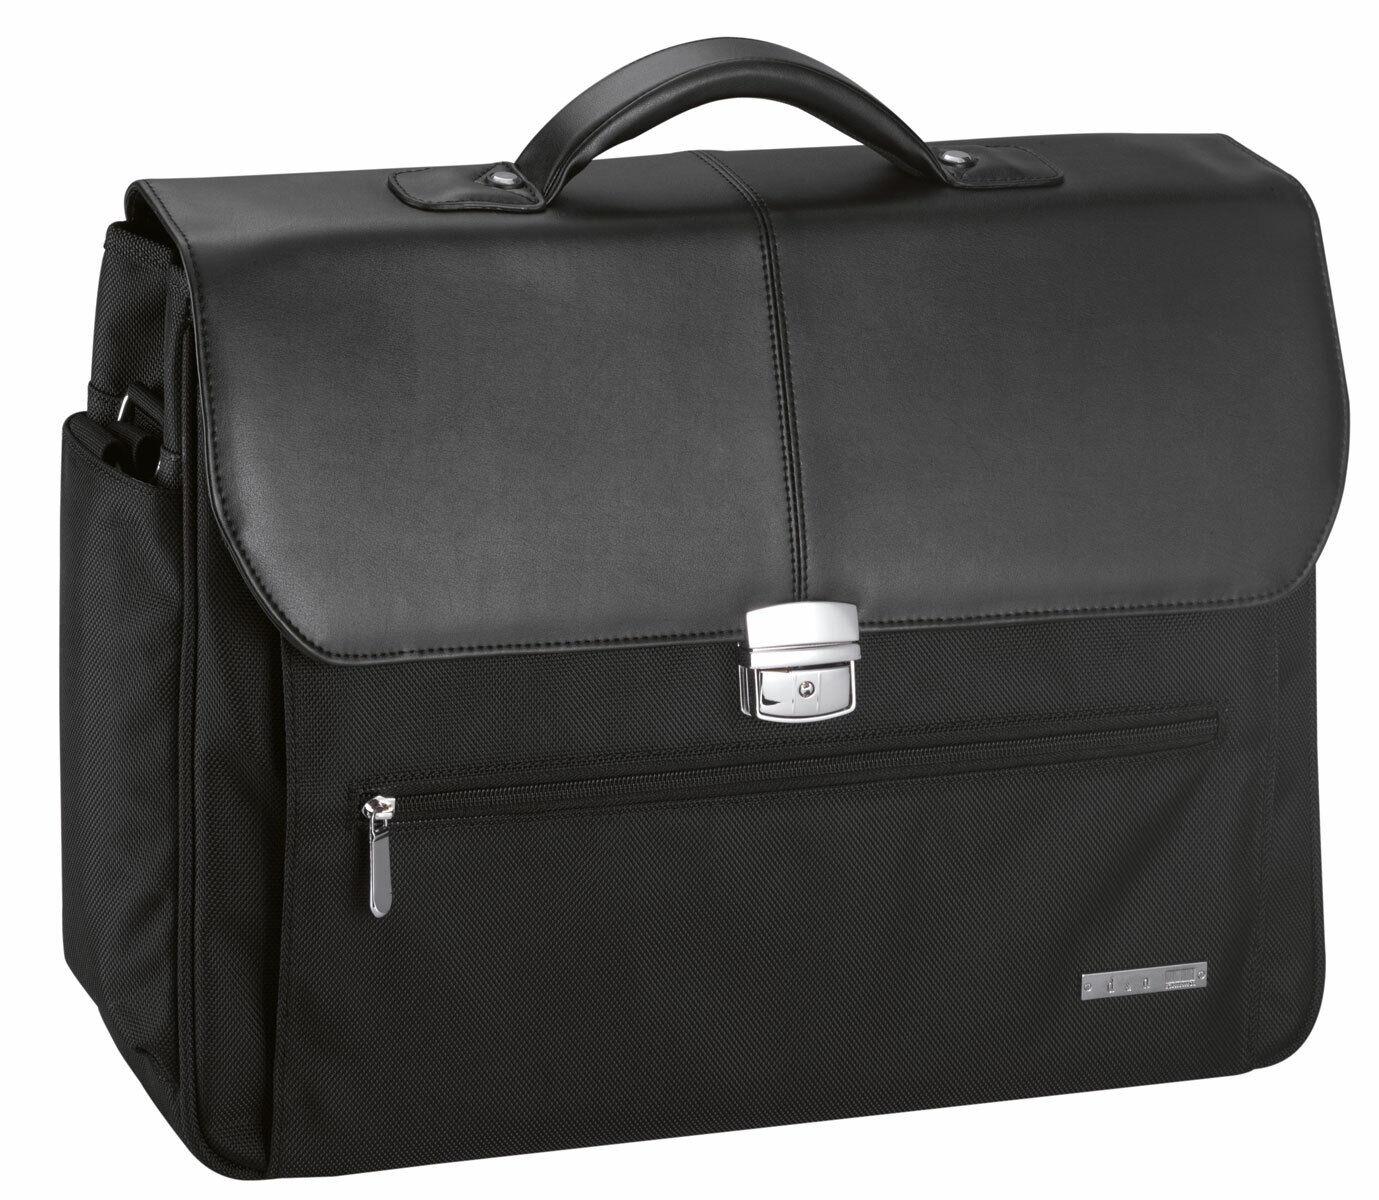 Aktentasche-Arbeitstasche-Umhängetasche-Tasche Schwarz 45 x35x13cm–Bowatex   Nutzen Sie Materialien voll aus    Neuankömmling    Luxus